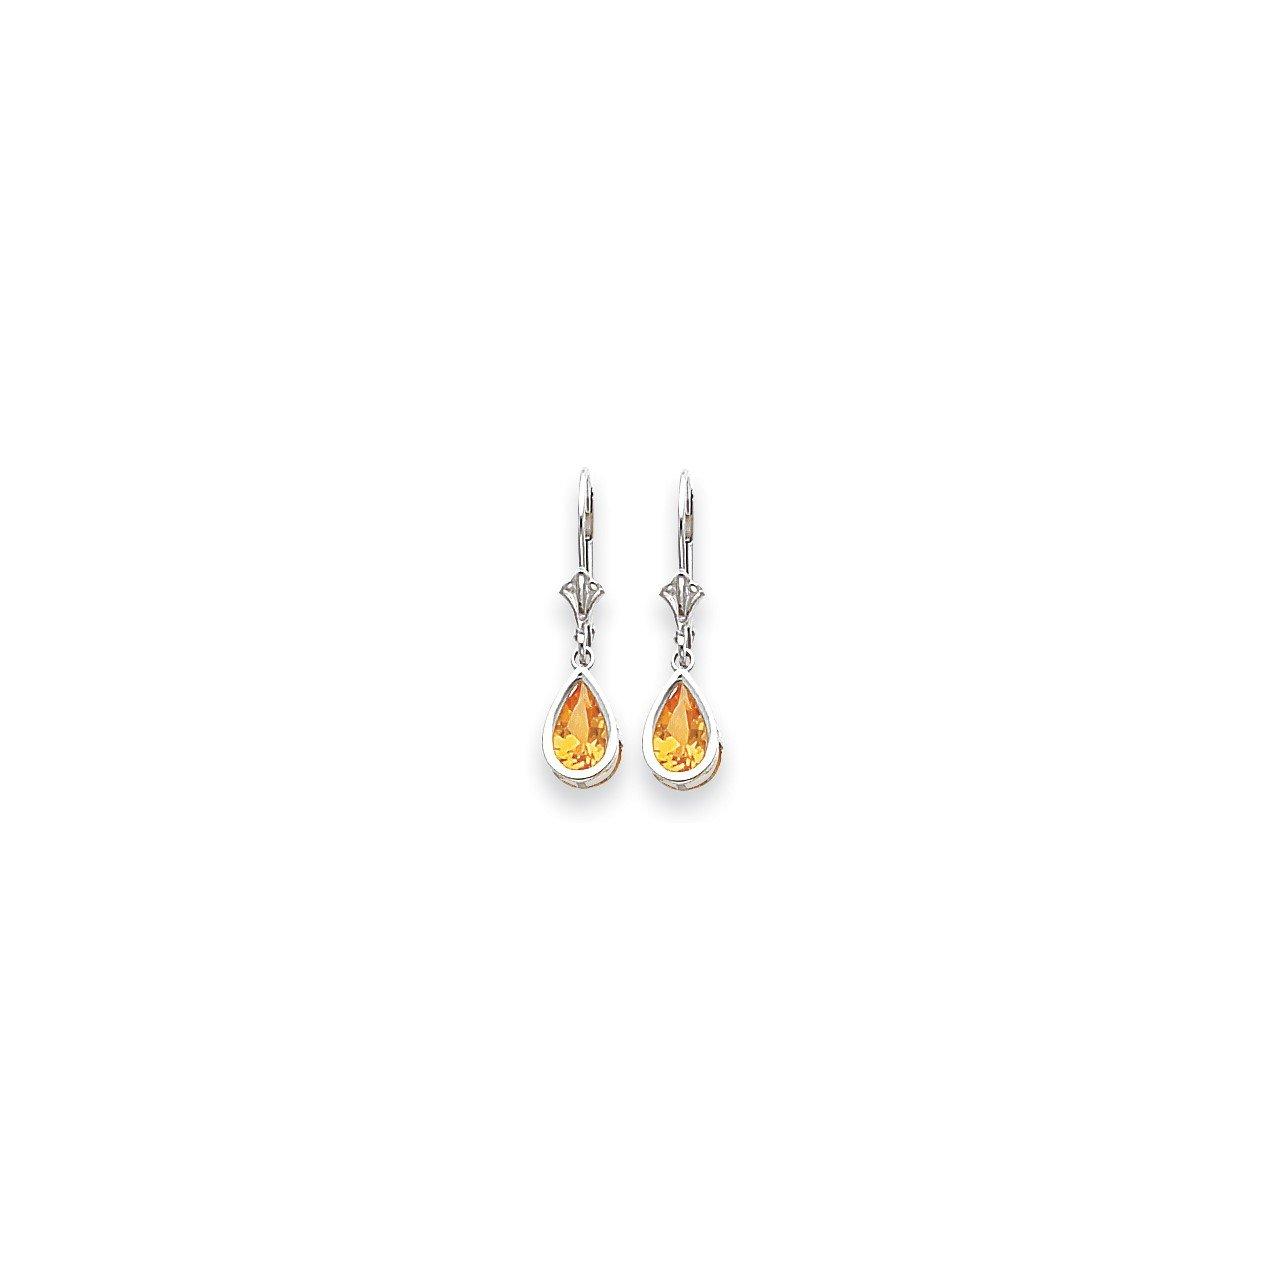 14k White Gold 8x5mm Pear Citrine Checker leverback earring